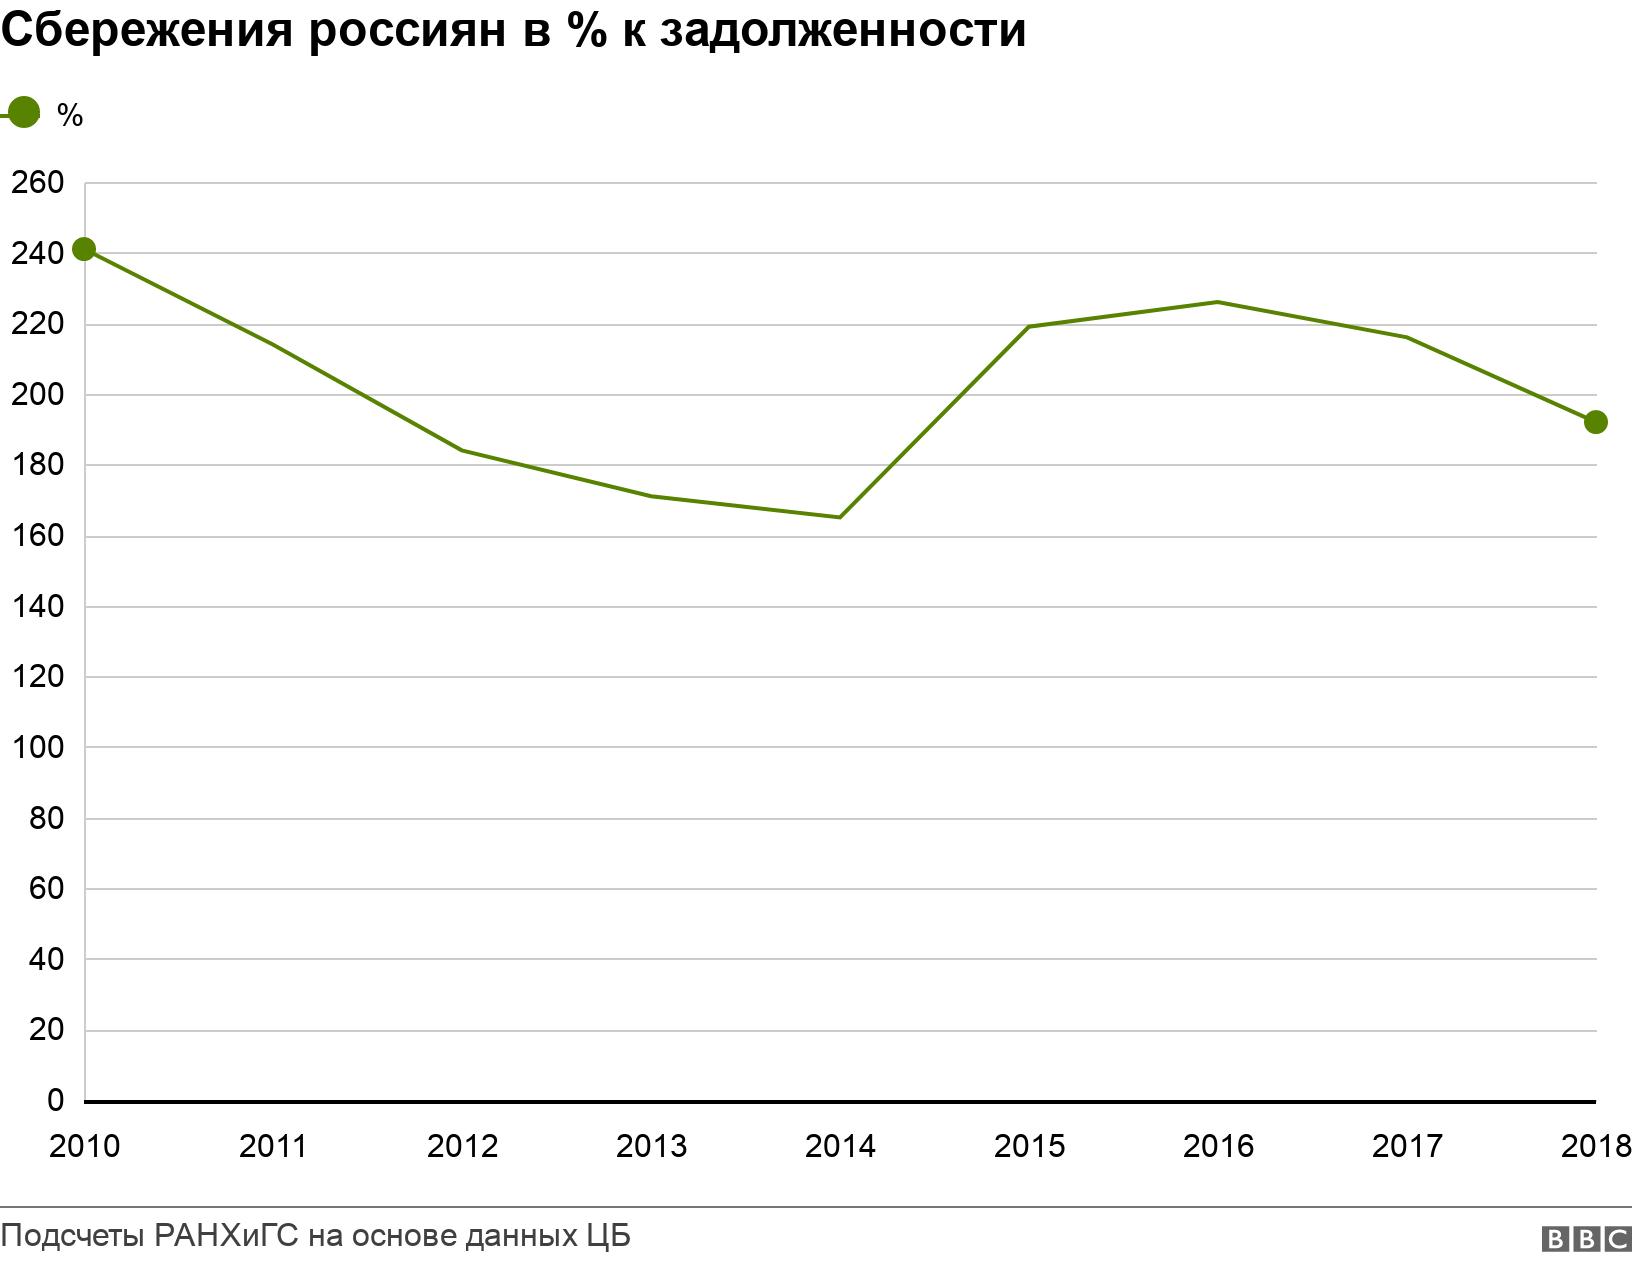 Сбережения россиян в % к задолженности. .  .